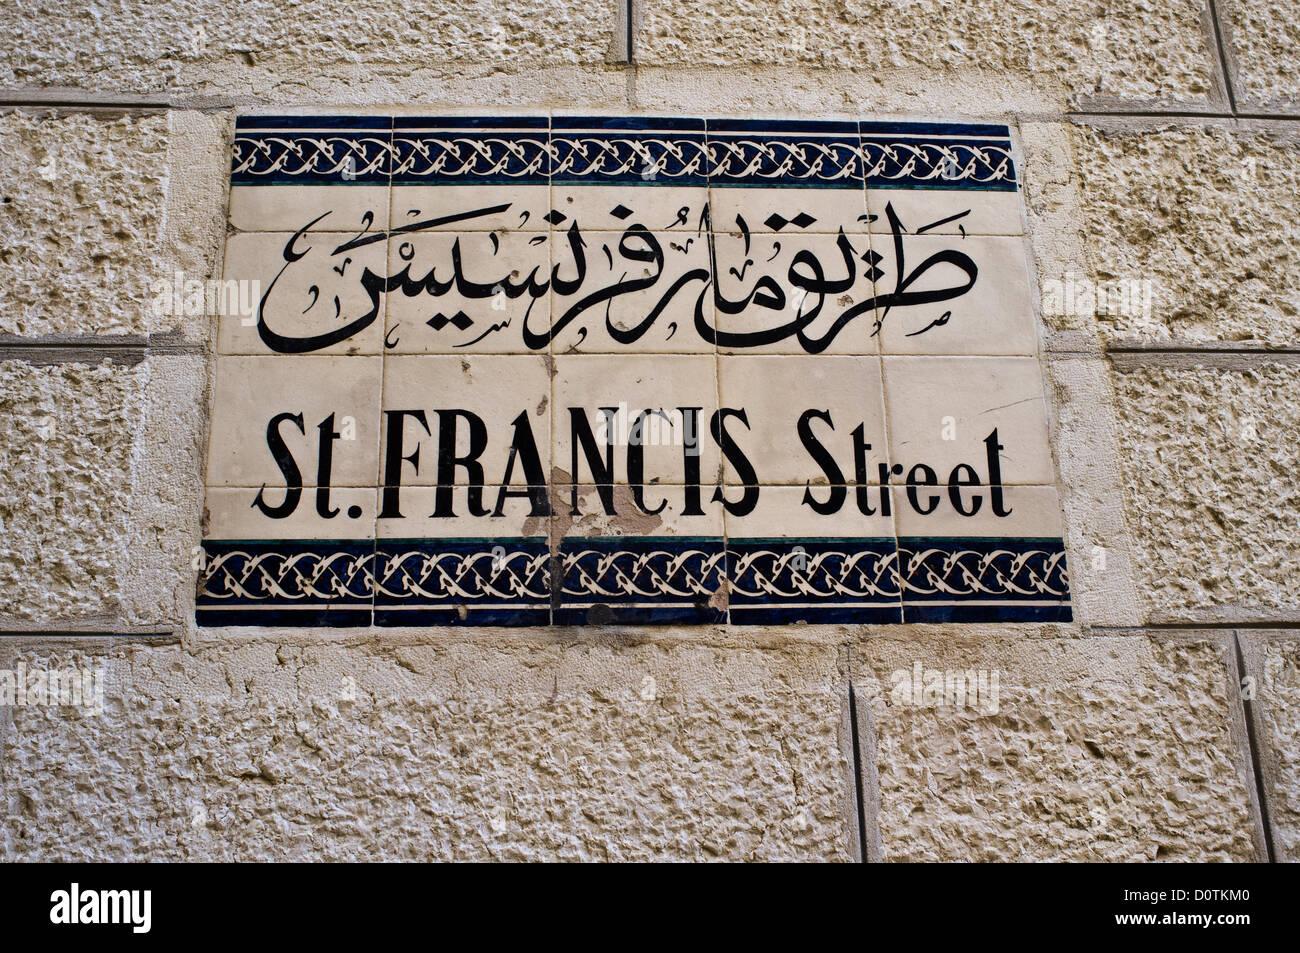 Jerusalem, Israel. 30. November 2012. Saint Francis Street Zeichen von Keramikfliesen ist eingebettet in die Steinwand. Stockbild